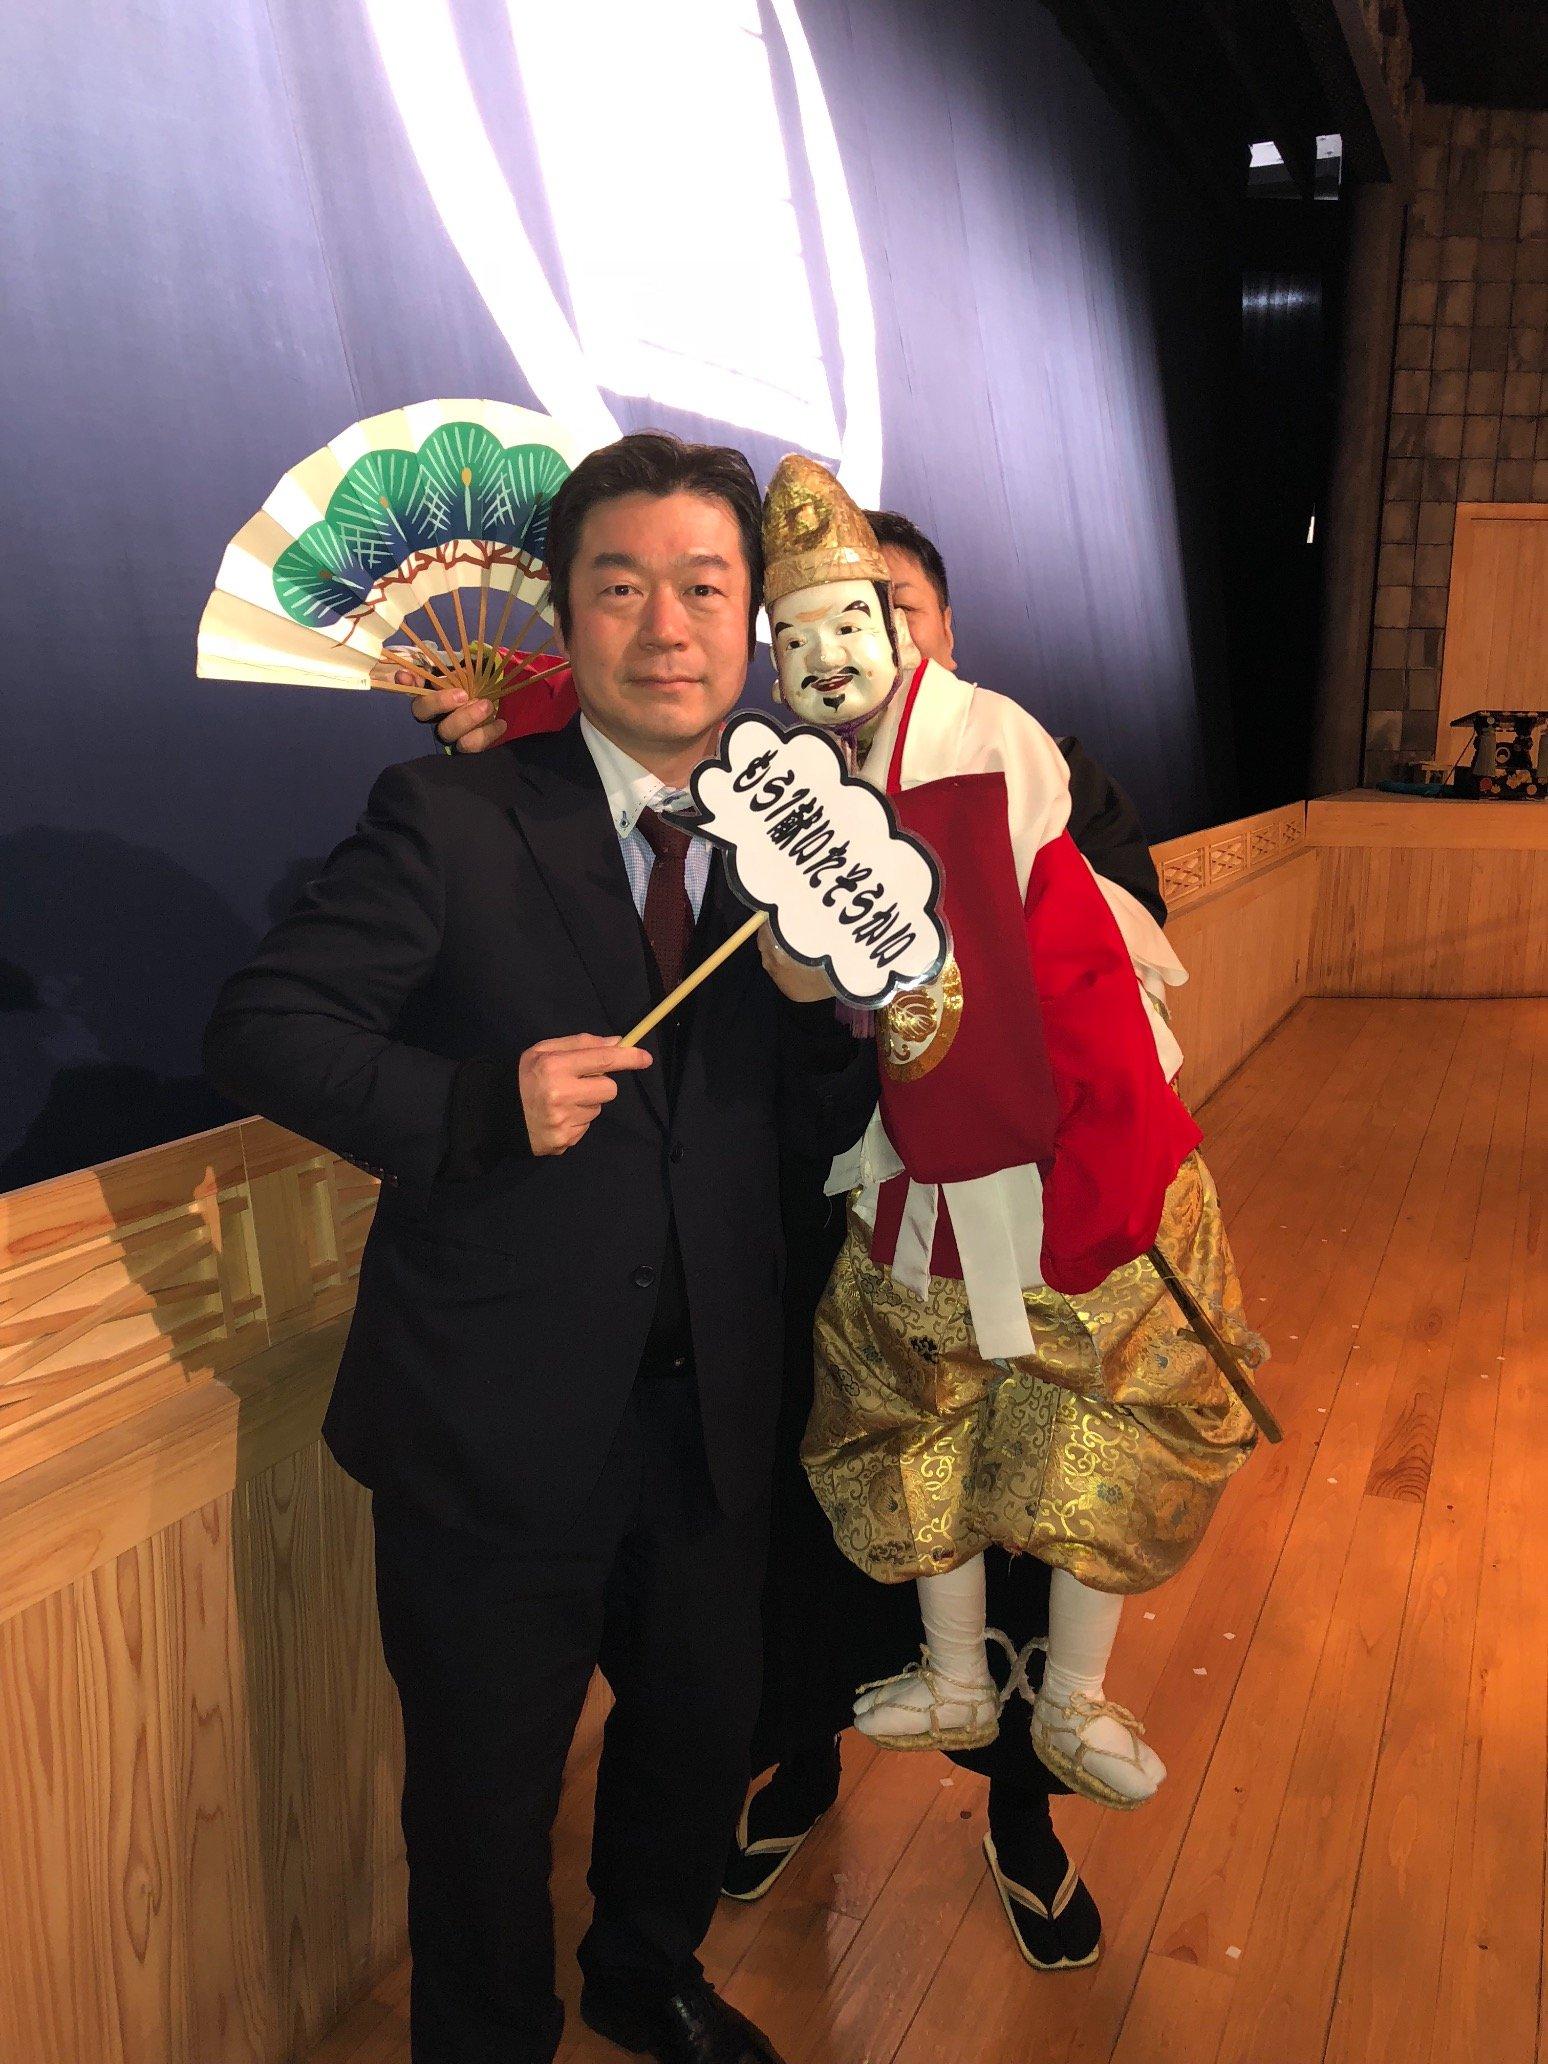 加田裕之 かだひろゆき 参議院議員(自民党・兵庫県)